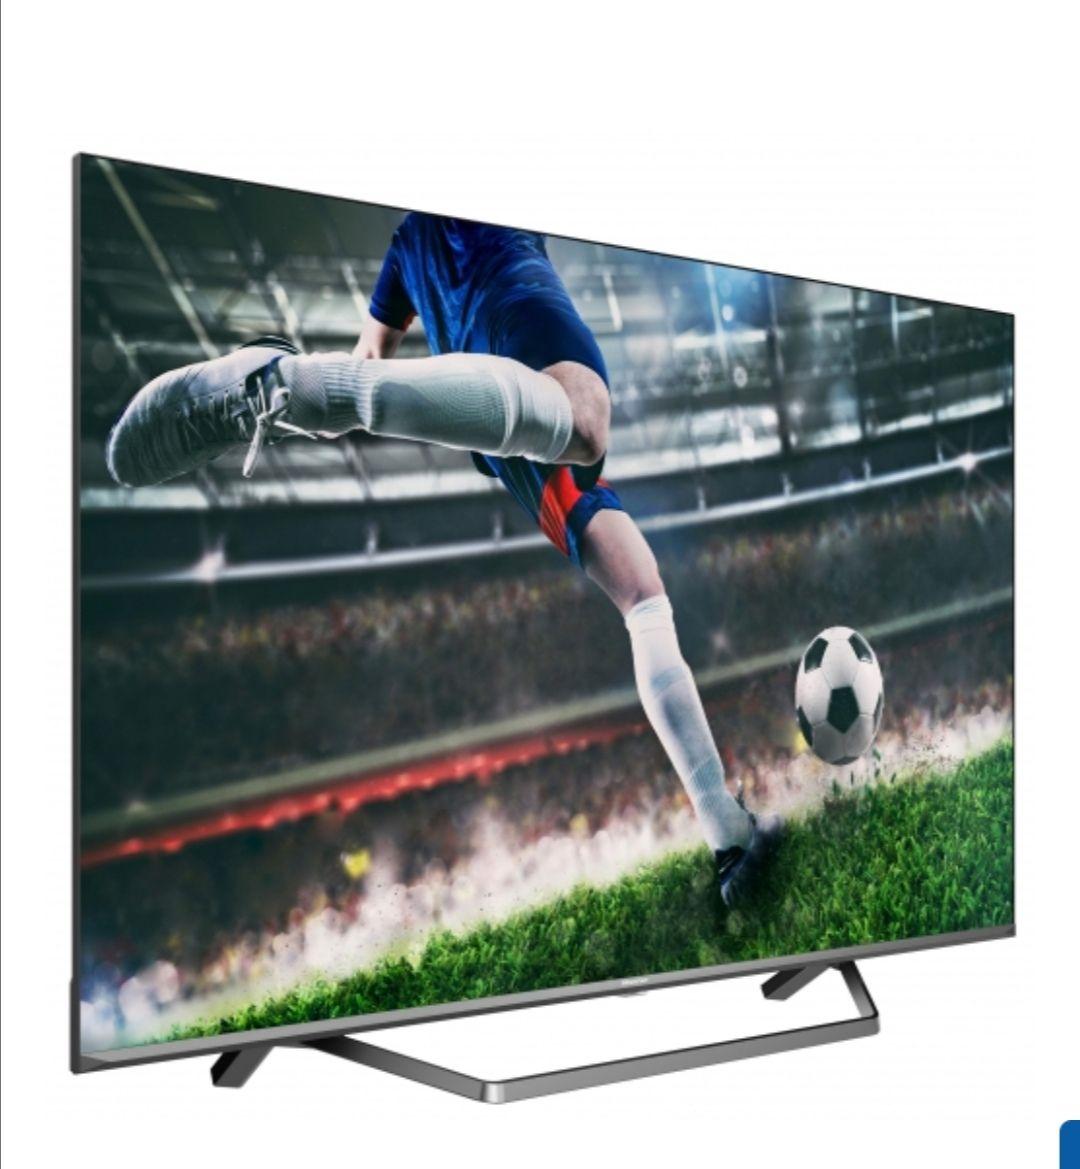 Tv Uled Hisense 55U7Qf 4K Ia Full Array